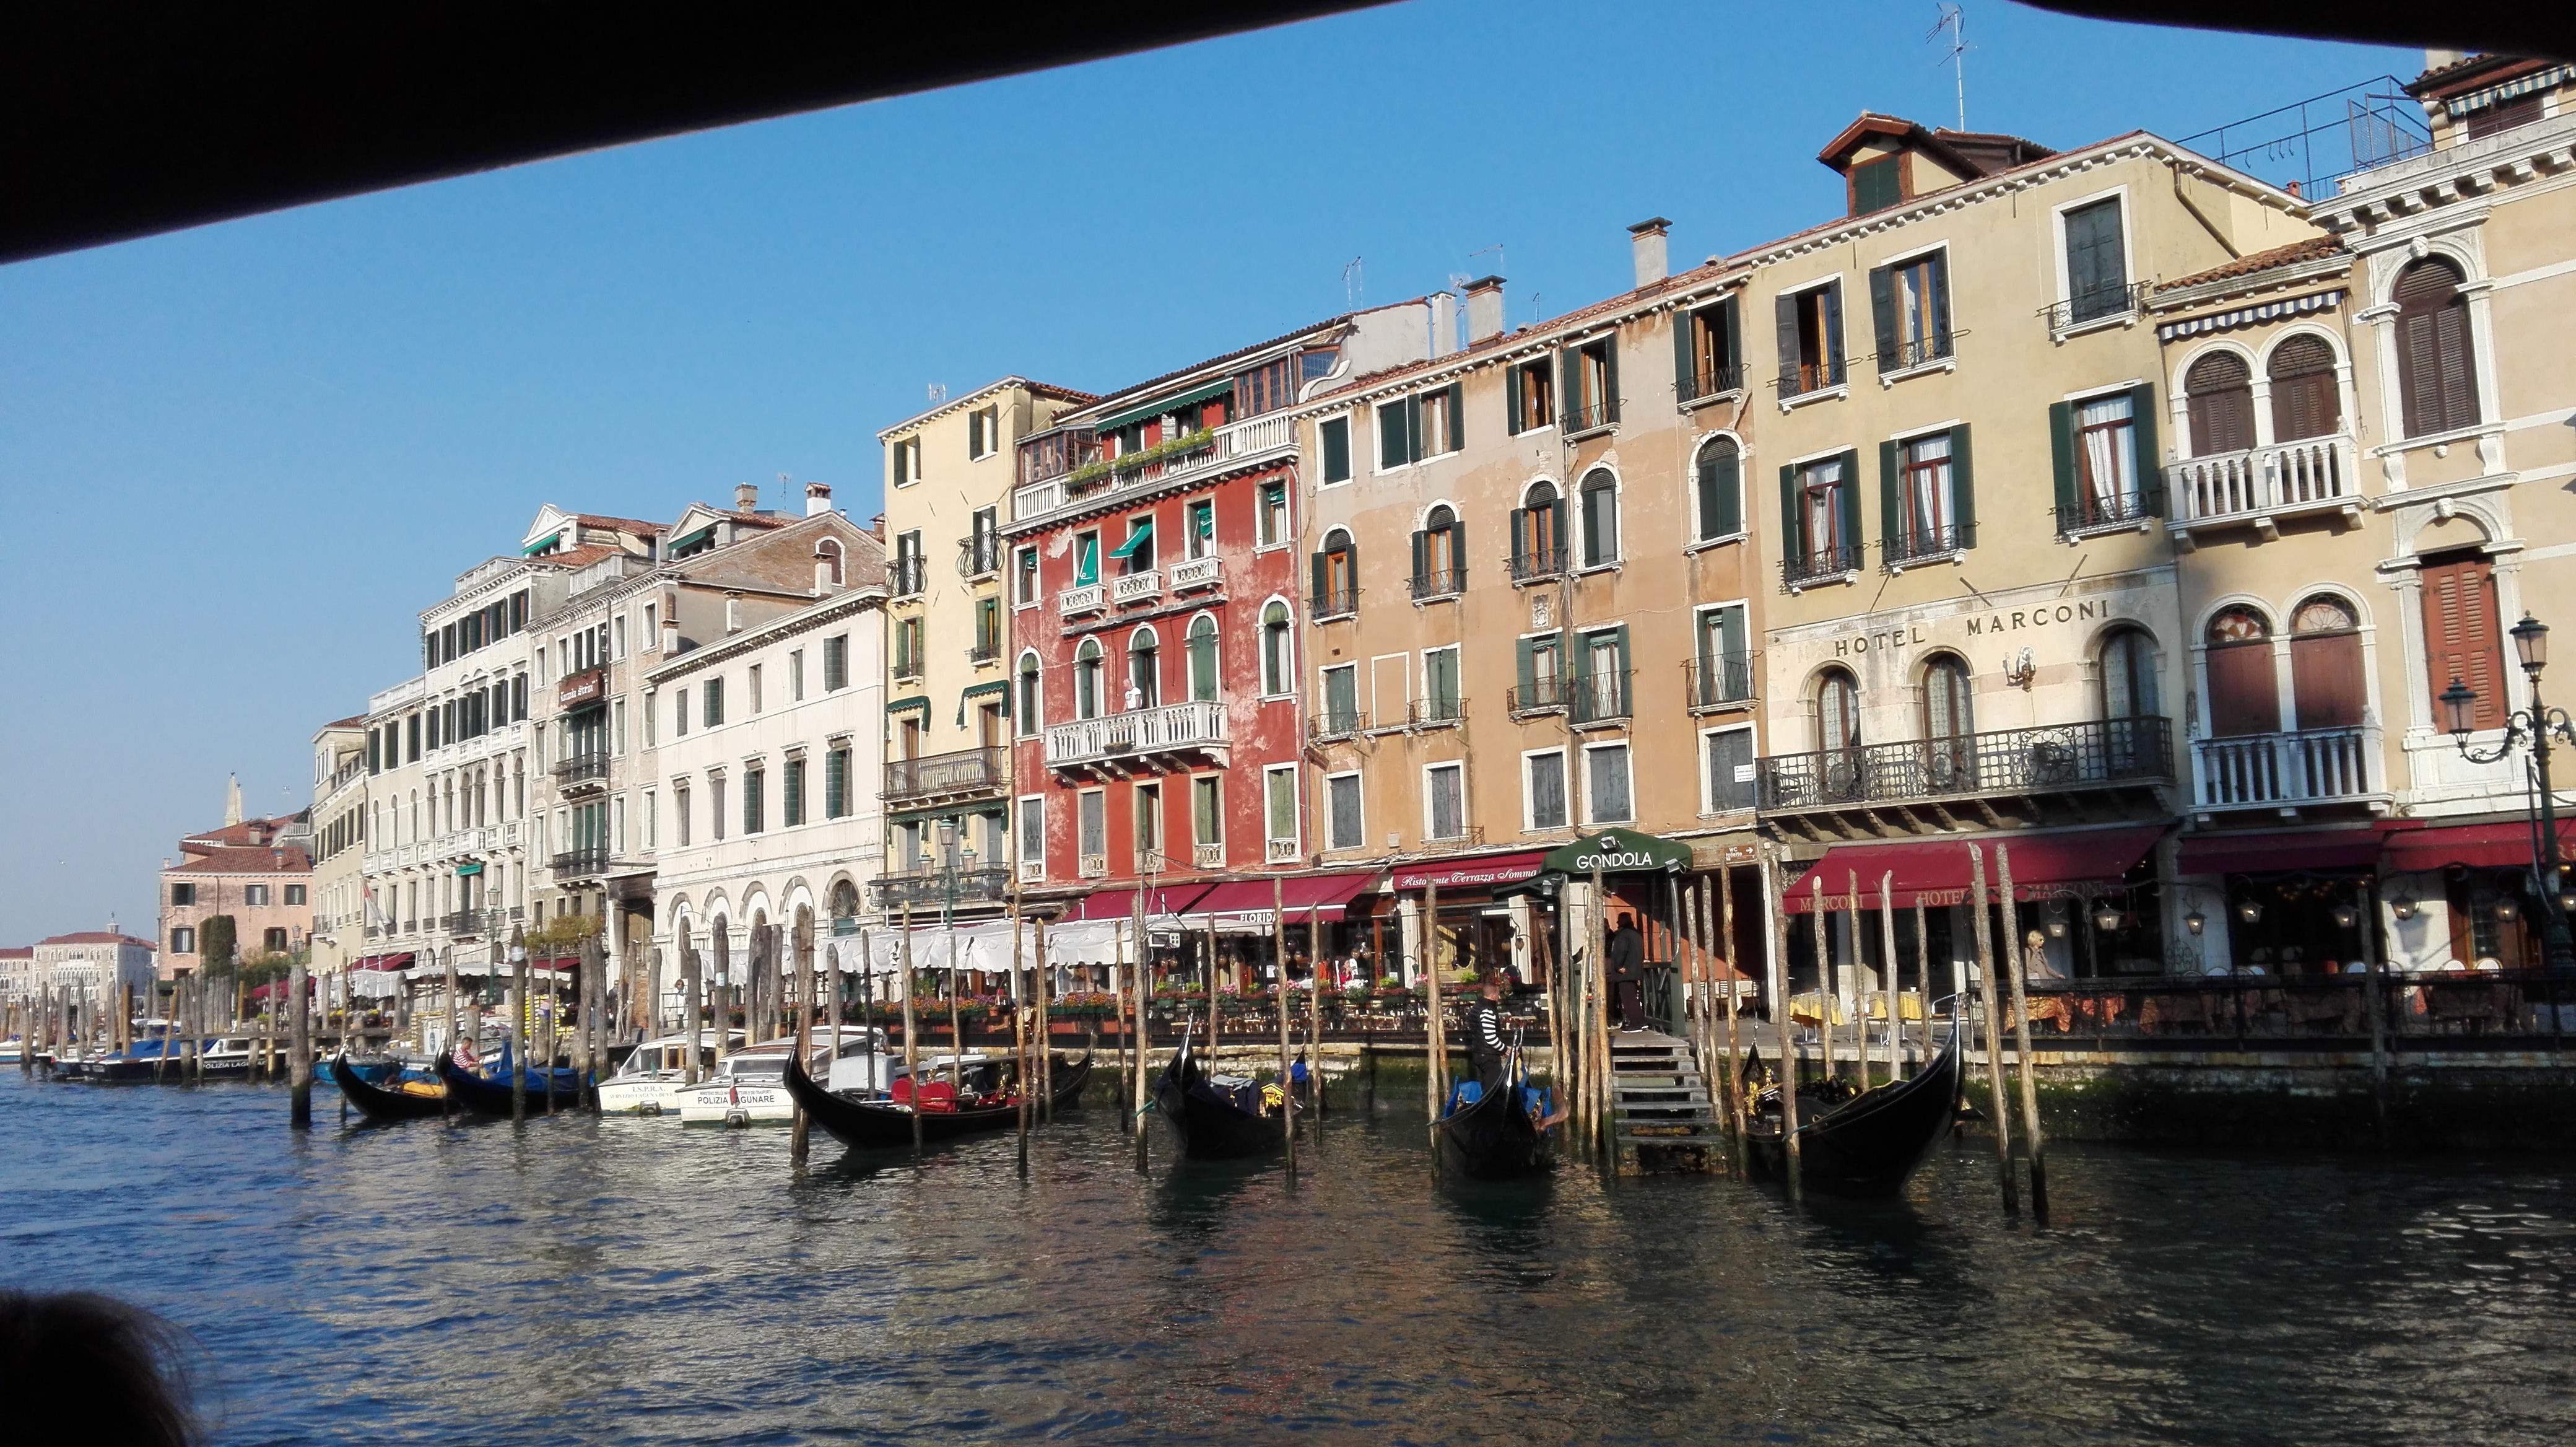 Sur le Vaporetto vers le Grand Canal